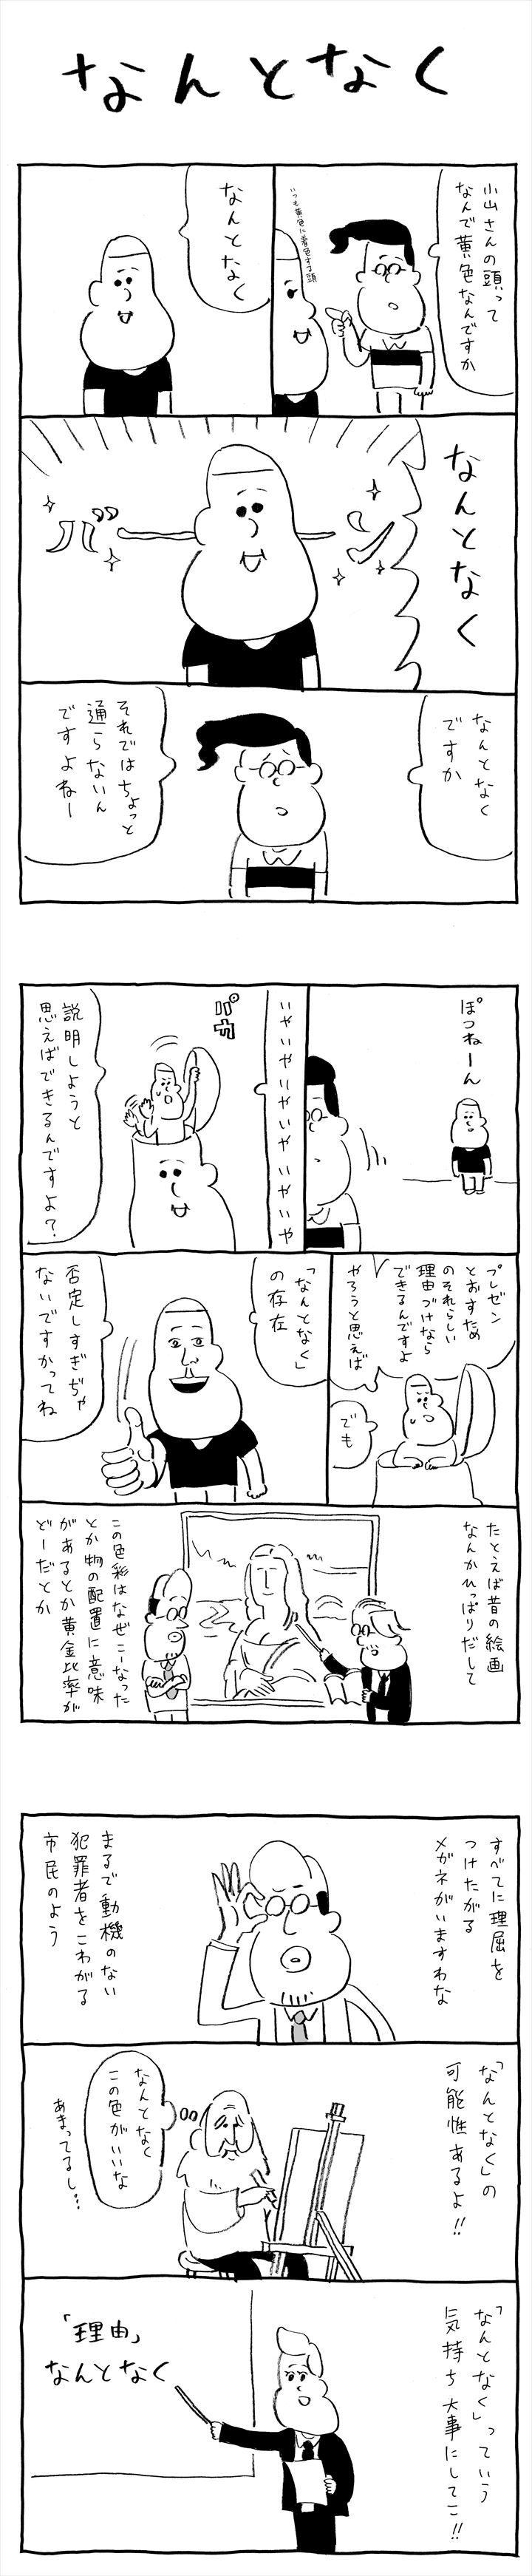 koyama16_R